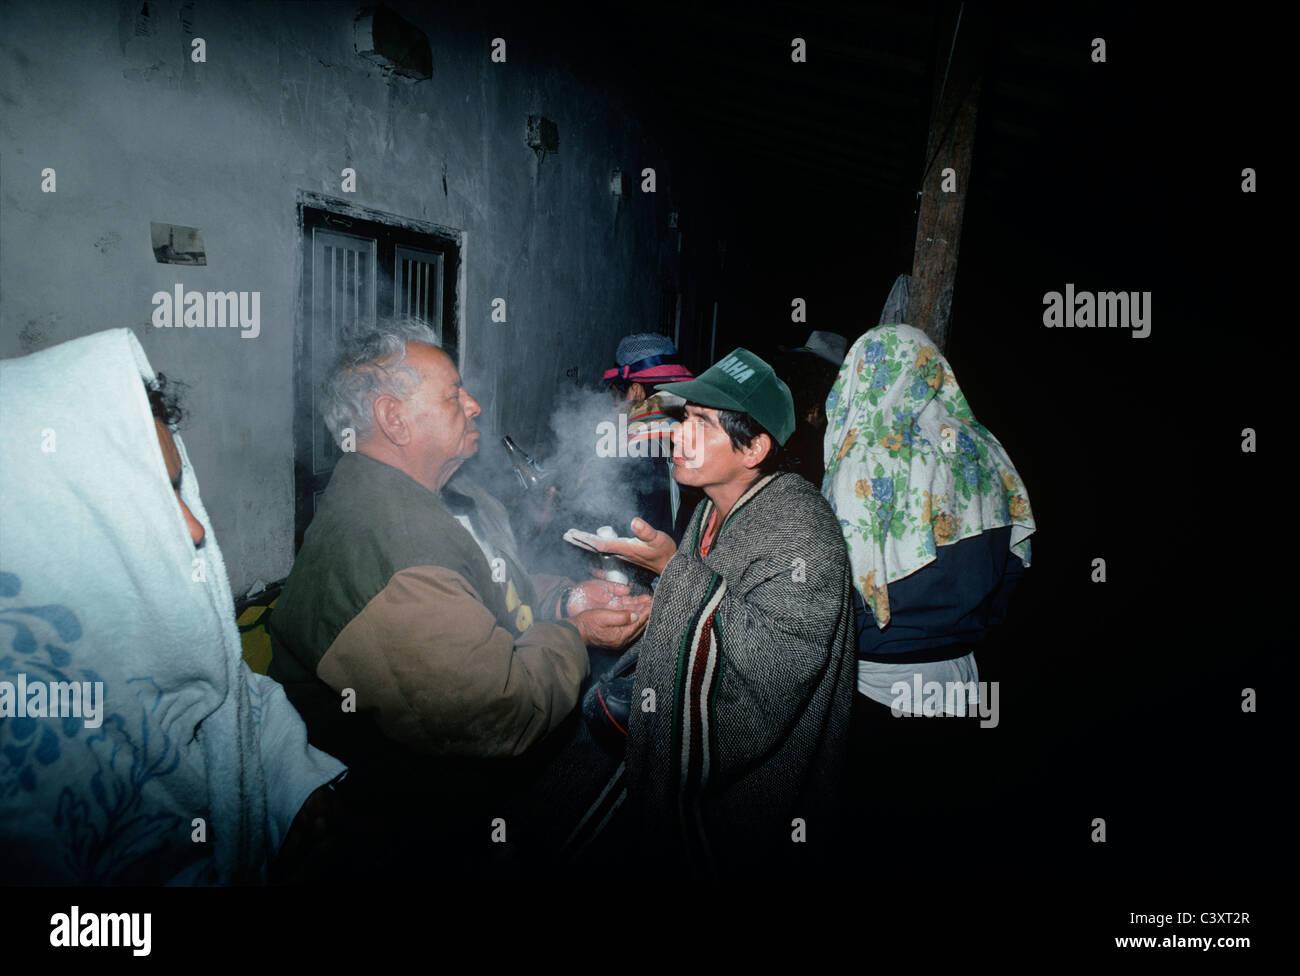 Curandero folklórica peruana (curandero) soplado un místico polvo blanco en la cara de un hombre deseoso de limpieza espiritual. Foto de stock